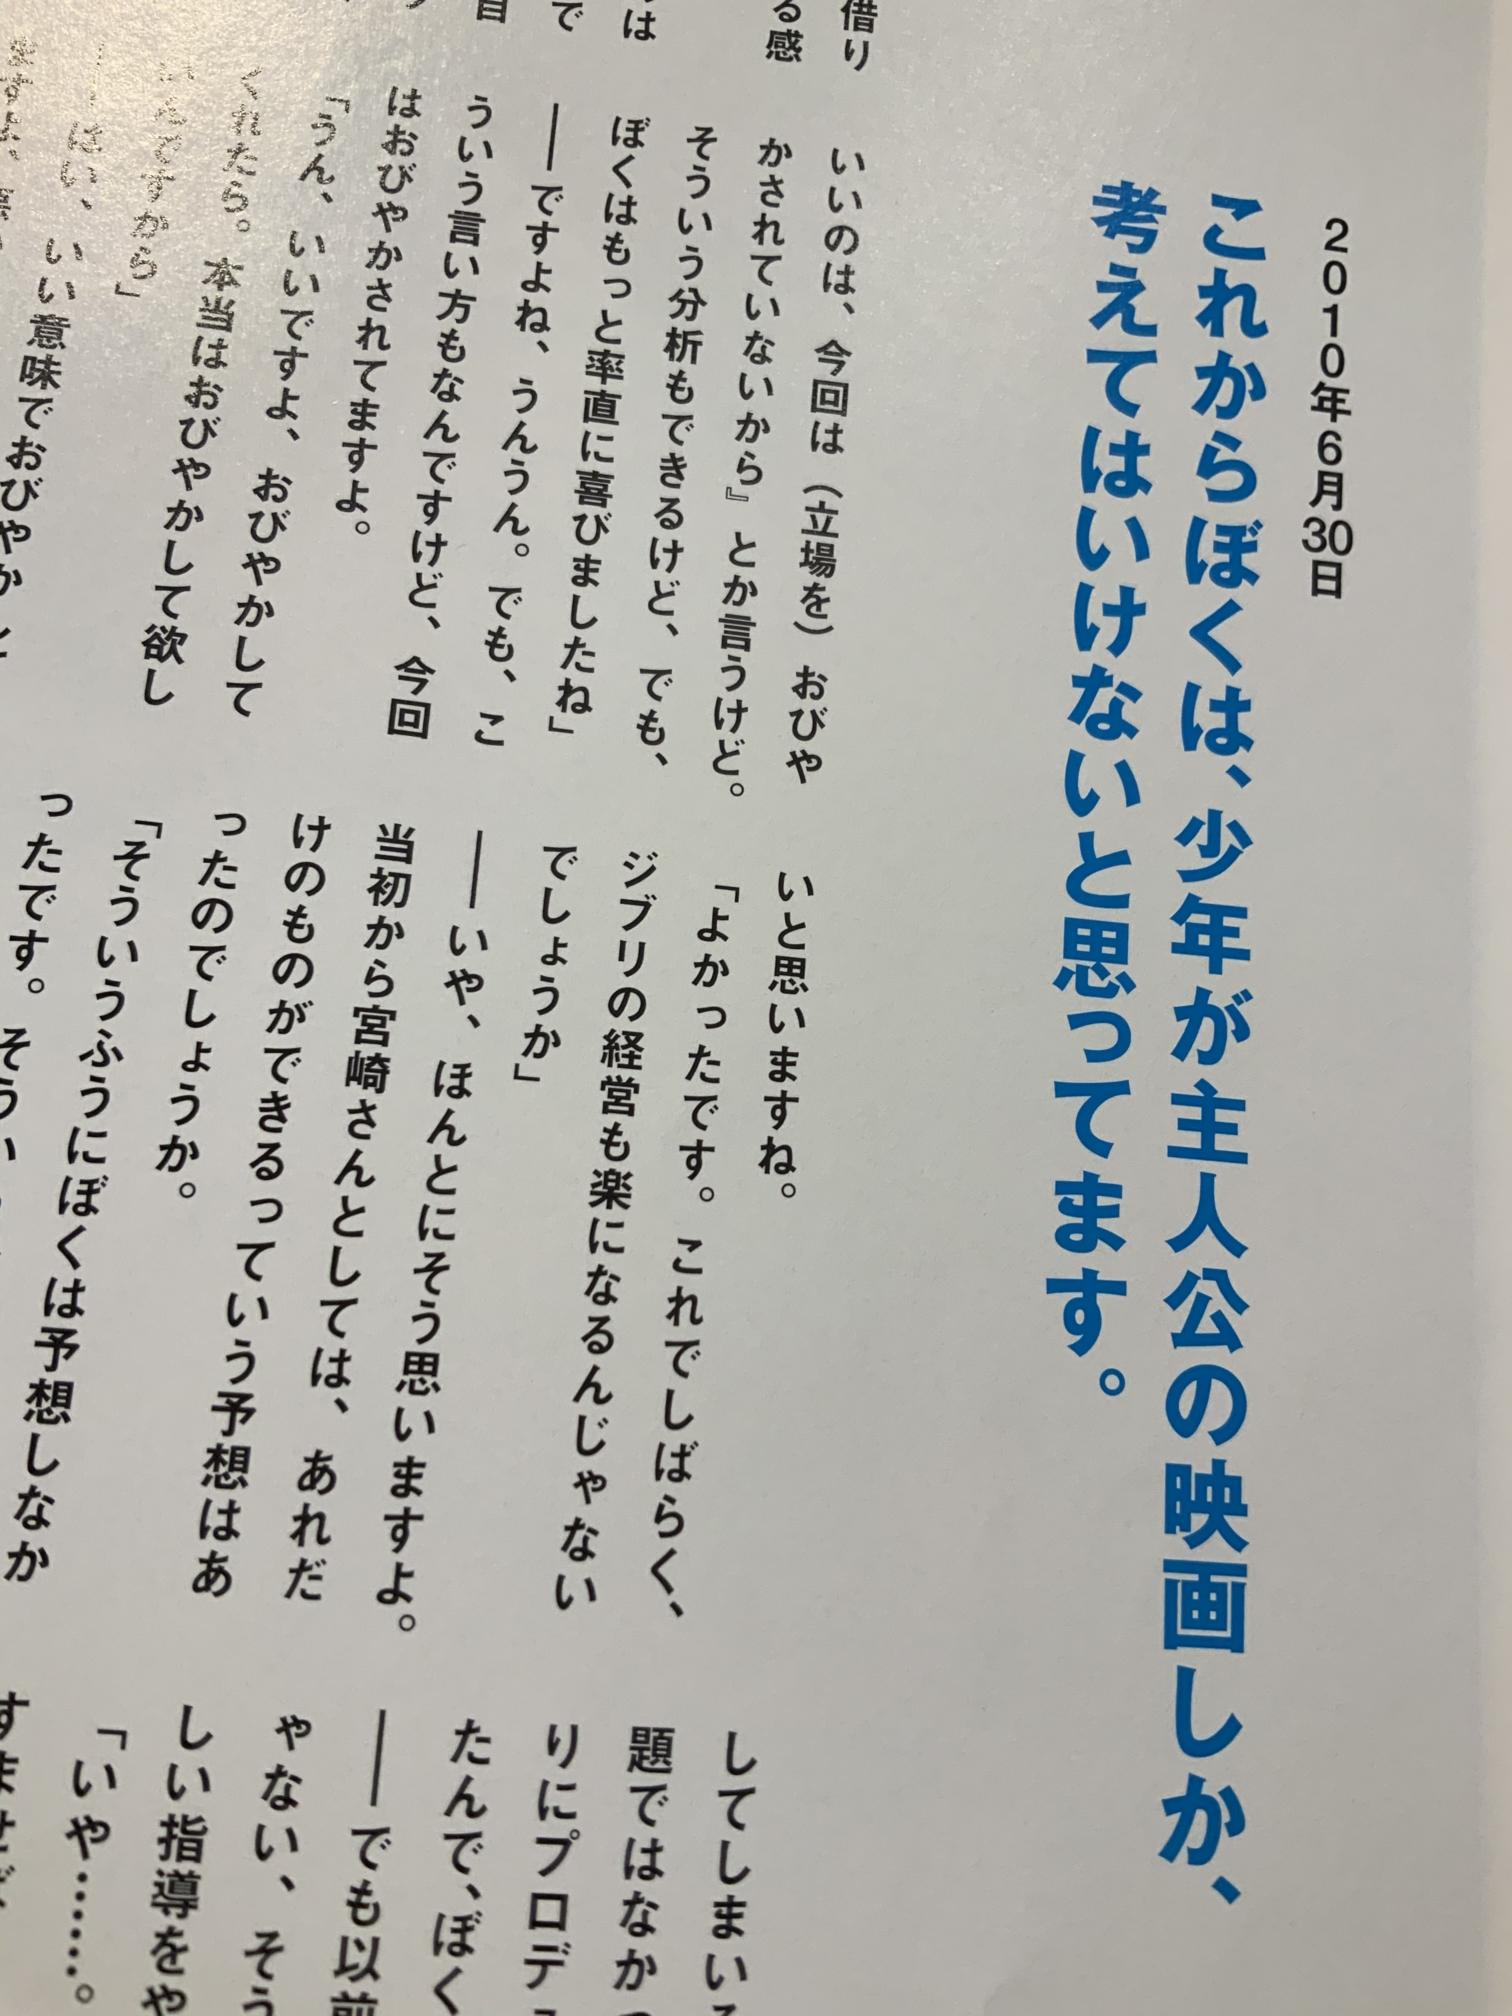 宮崎駿インタビュー雑誌2010年6月30日のCUTにて